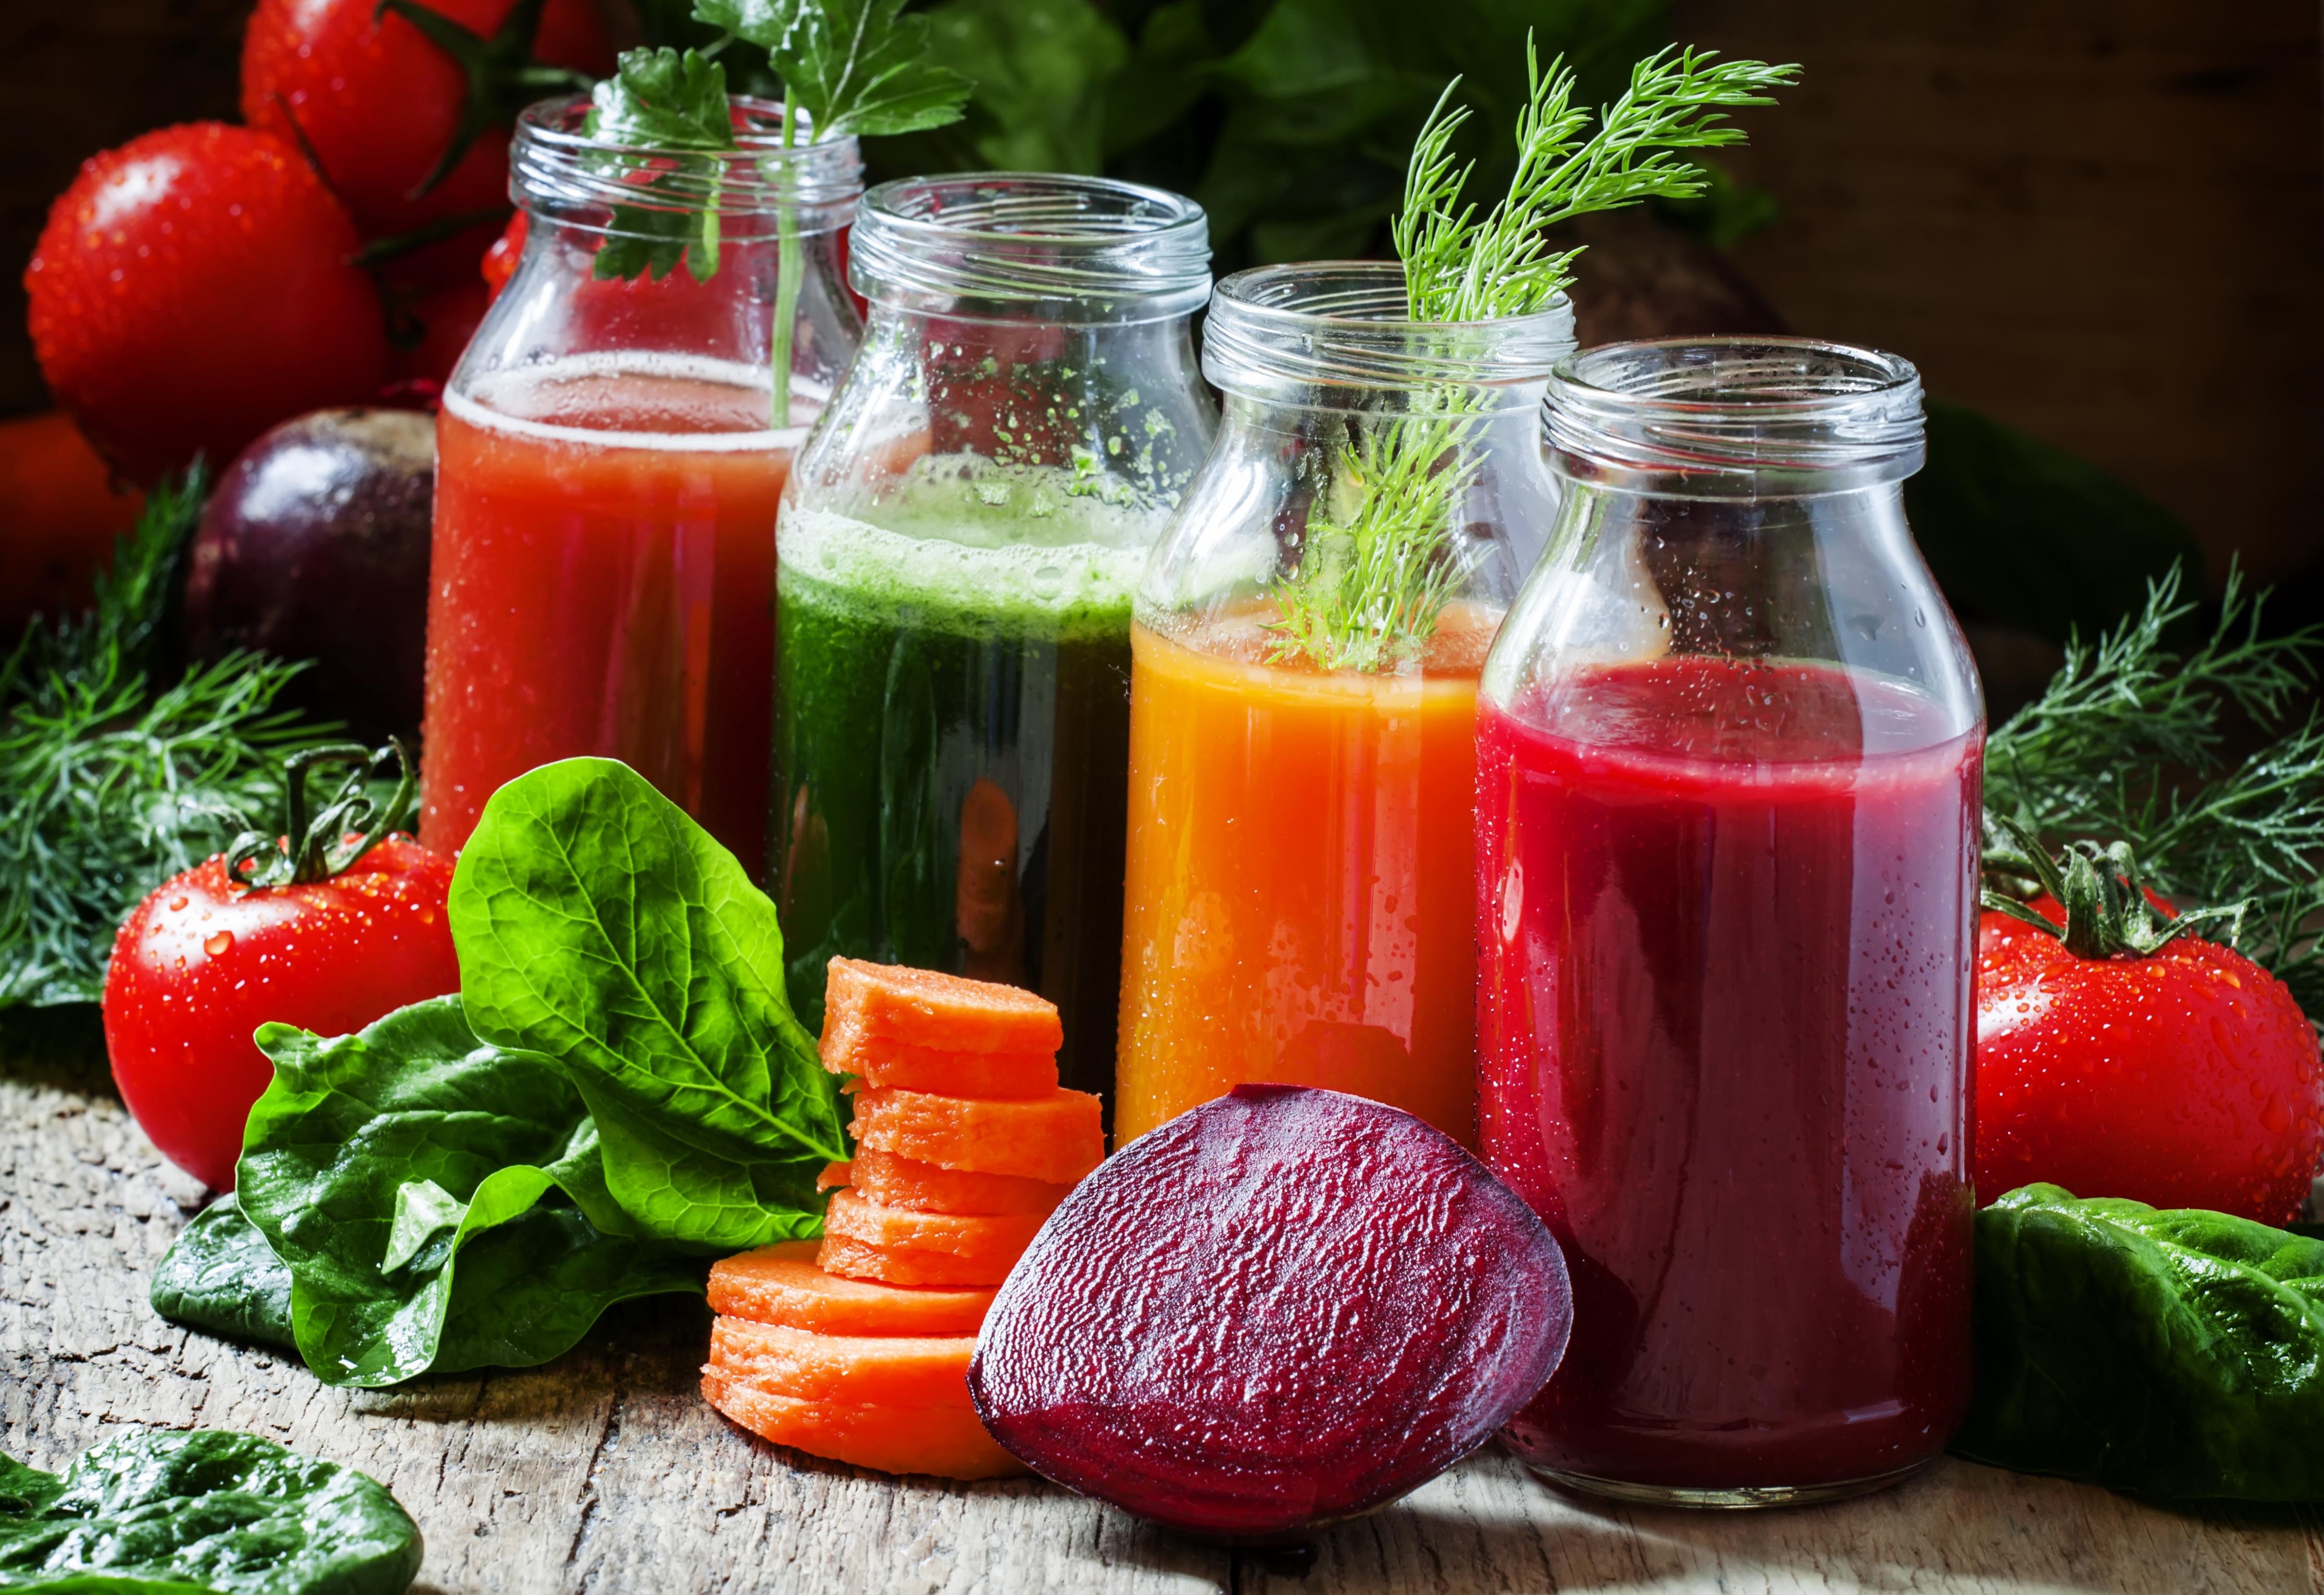 juice cleanse - organic juice cleanse - juice cleanse recipes - juice detox - organic media network